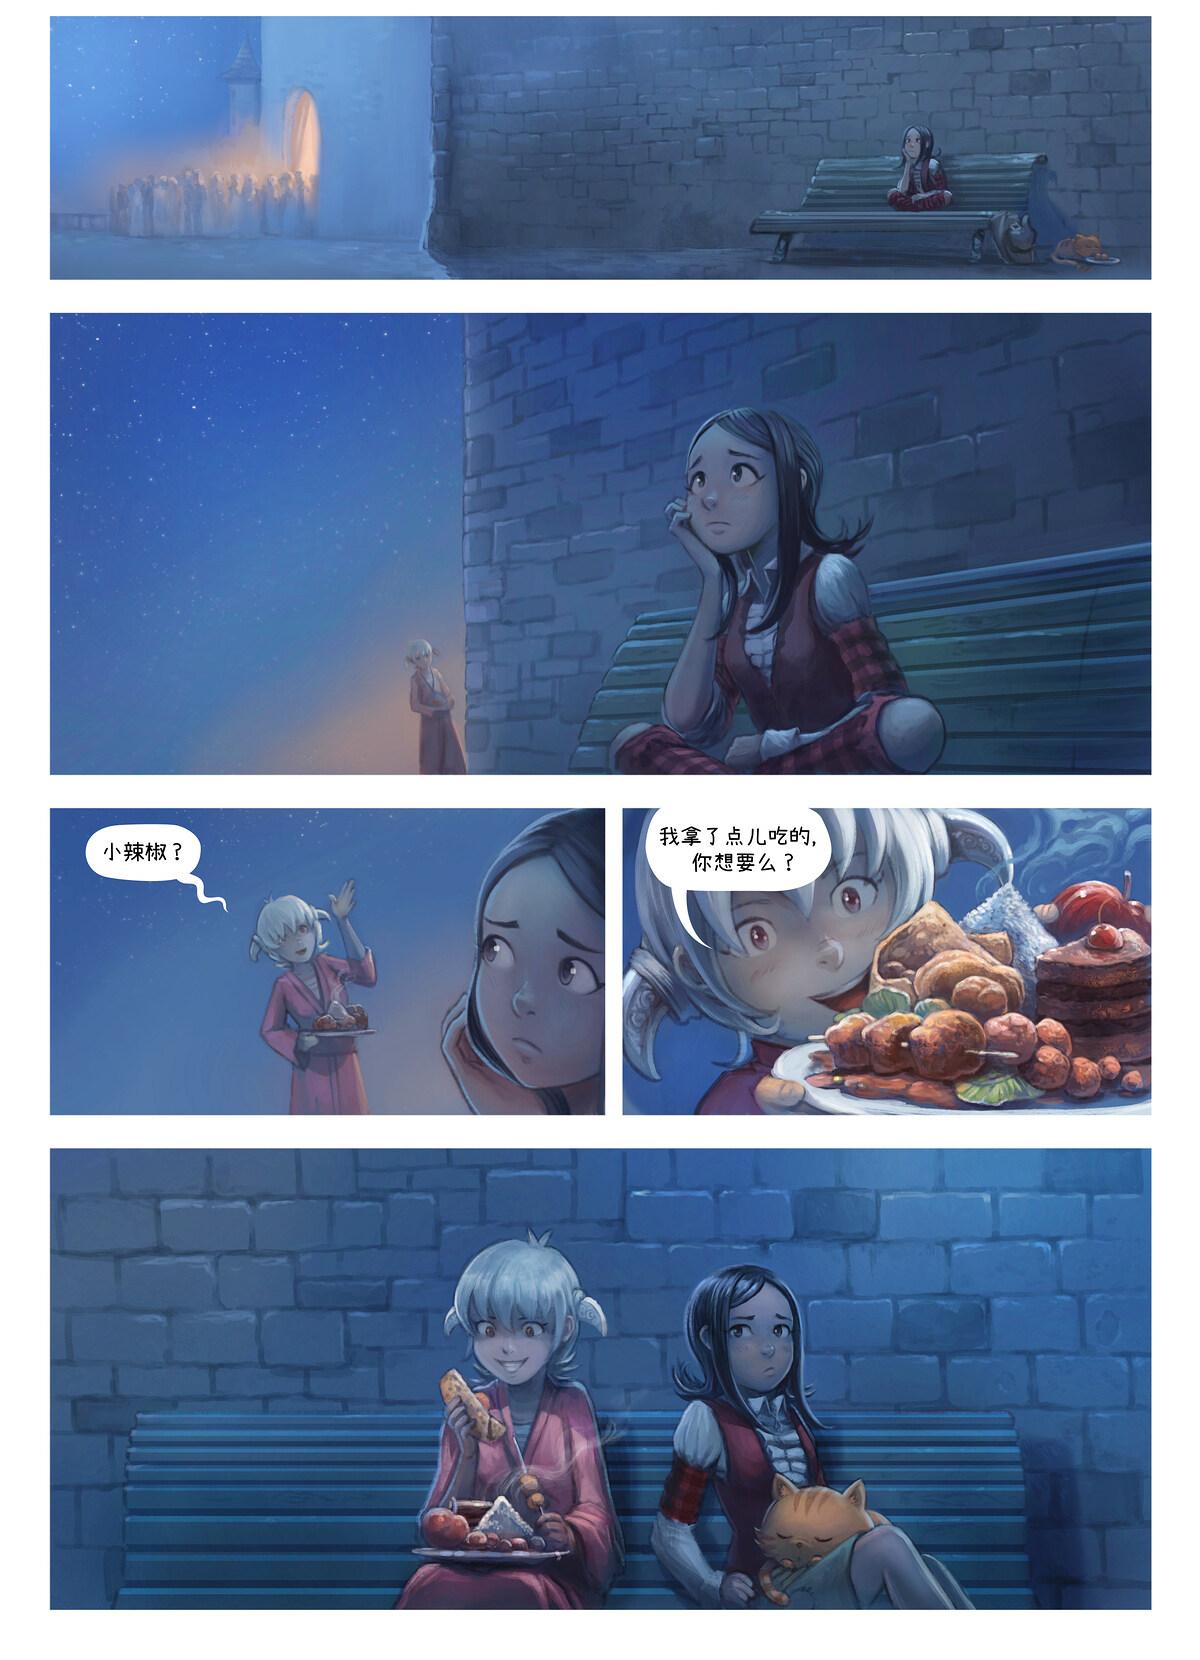 第28集:盛宴, Page 6